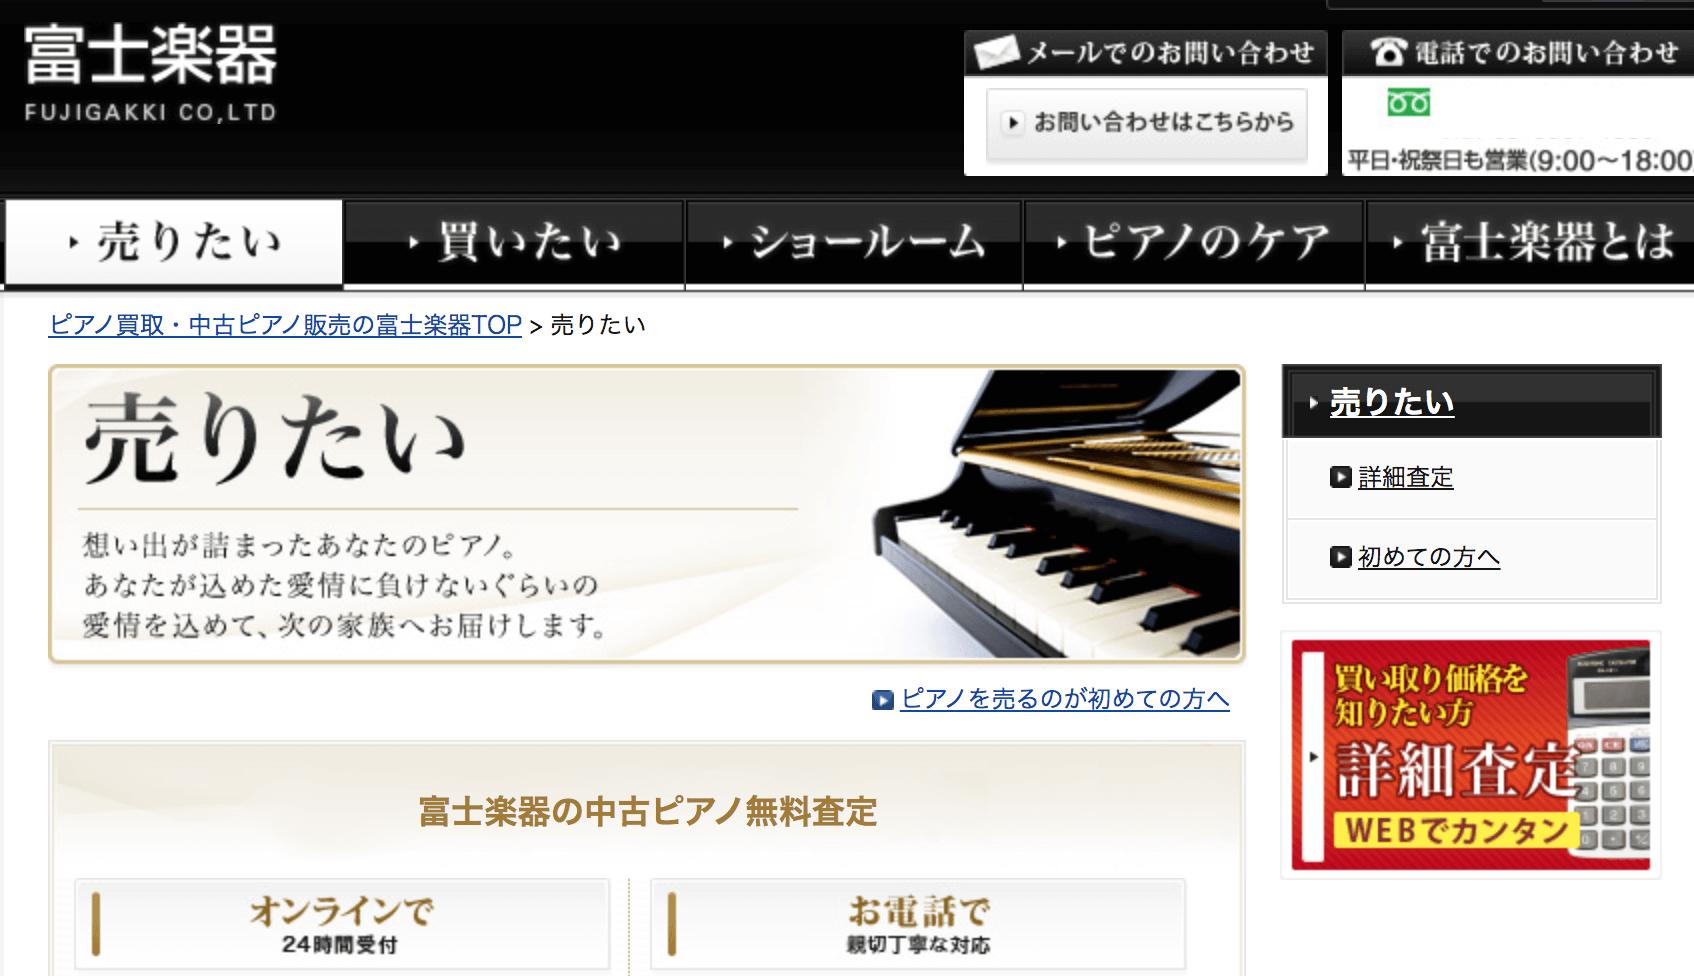 富士楽器のピアノ買取の口コミ